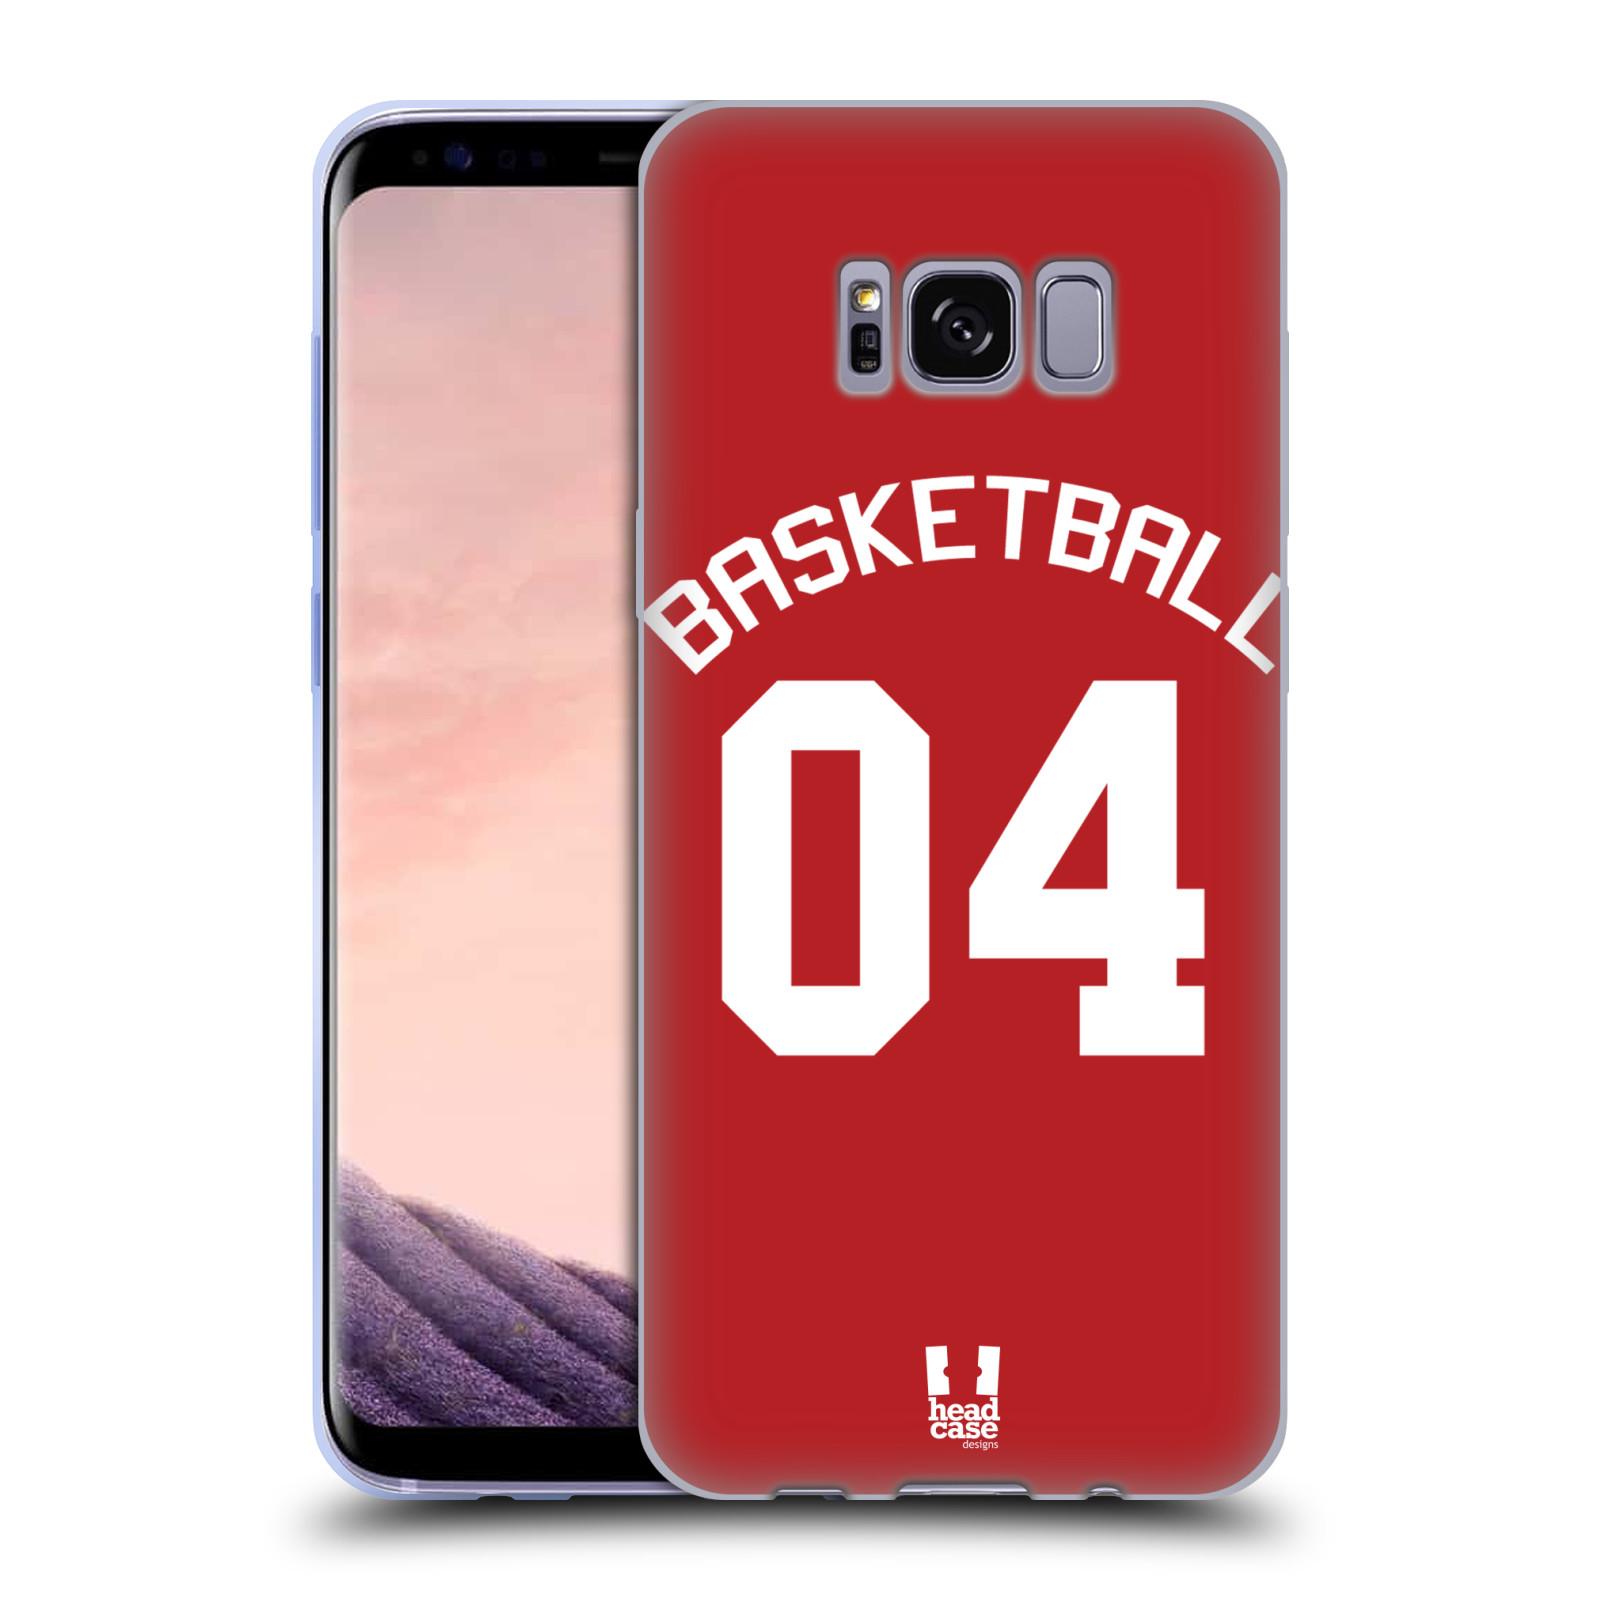 HEAD CASE silikonový obal na mobil Samsung Galaxy S8 Sportovní dres Basketbal červený